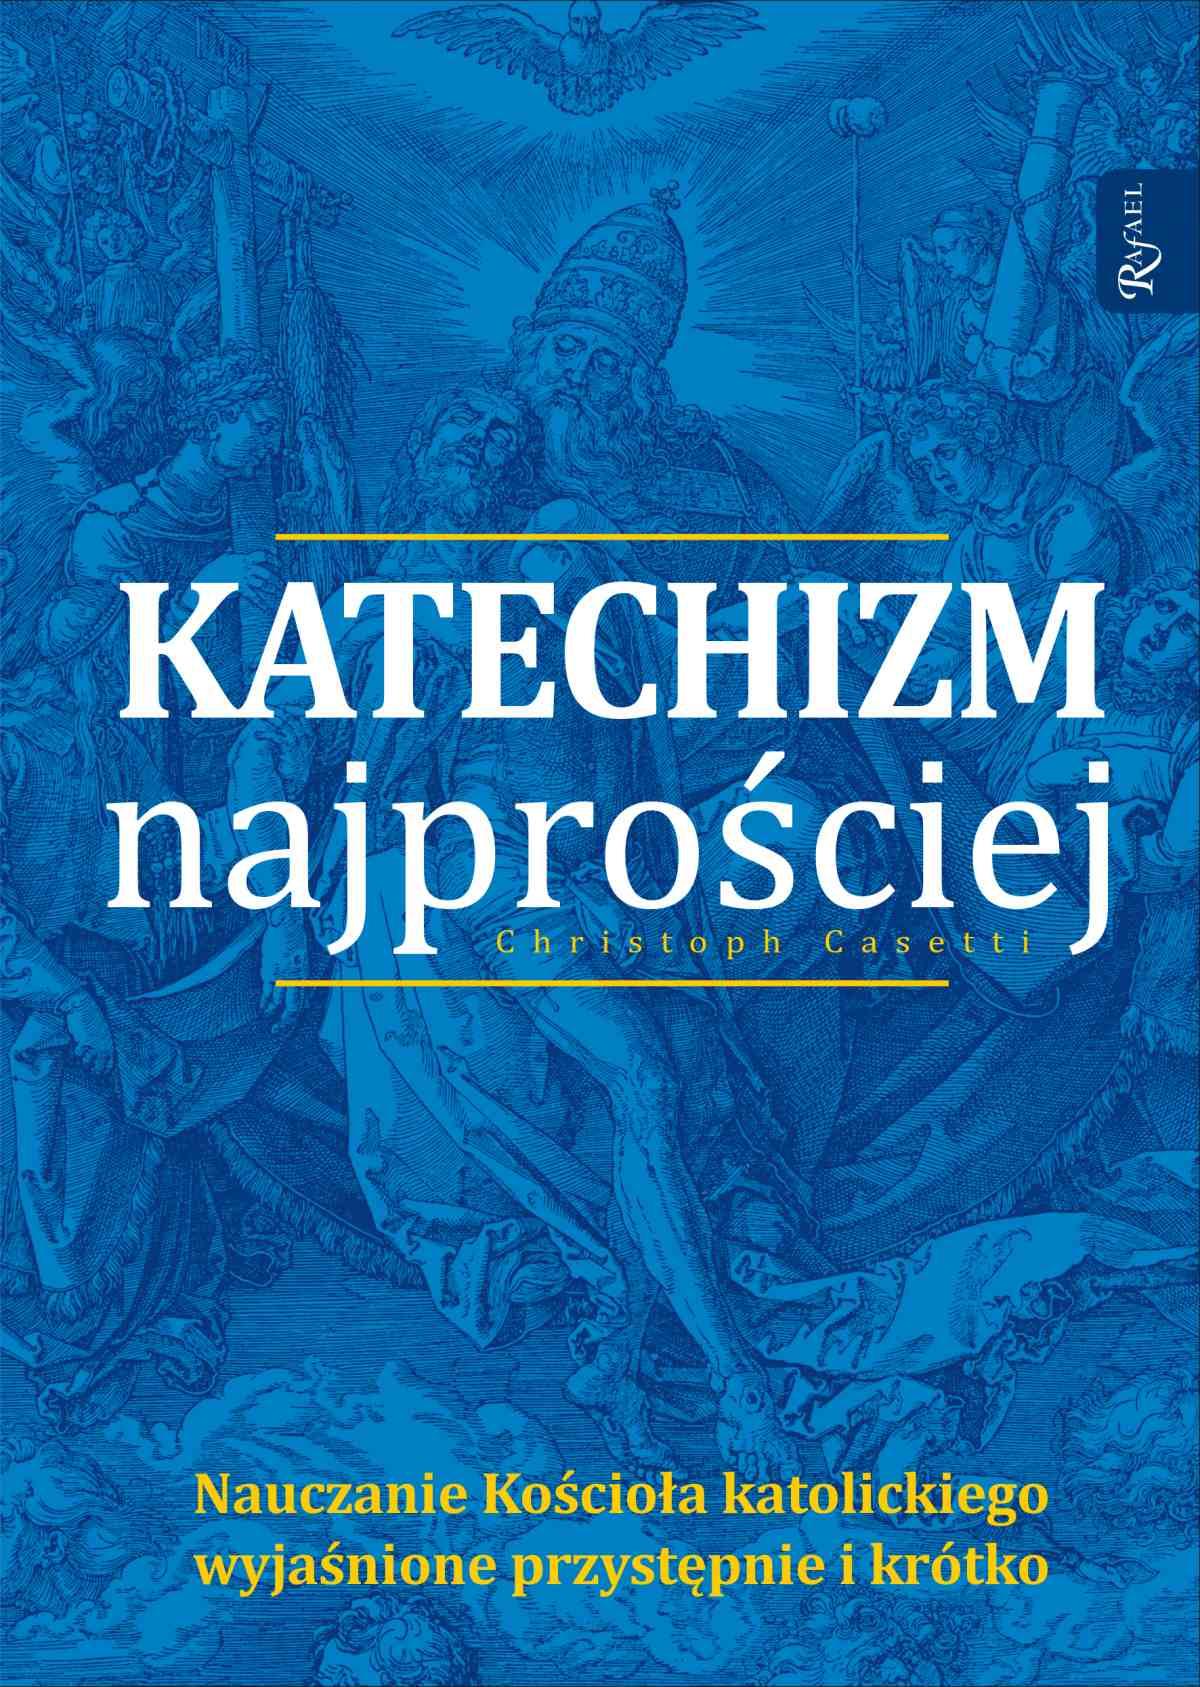 Katechizm najprościej. Nauczanie Kościoła katolickiego wyjasnione przystępnie i krótko - Ebook (Książka EPUB) do pobrania w formacie EPUB